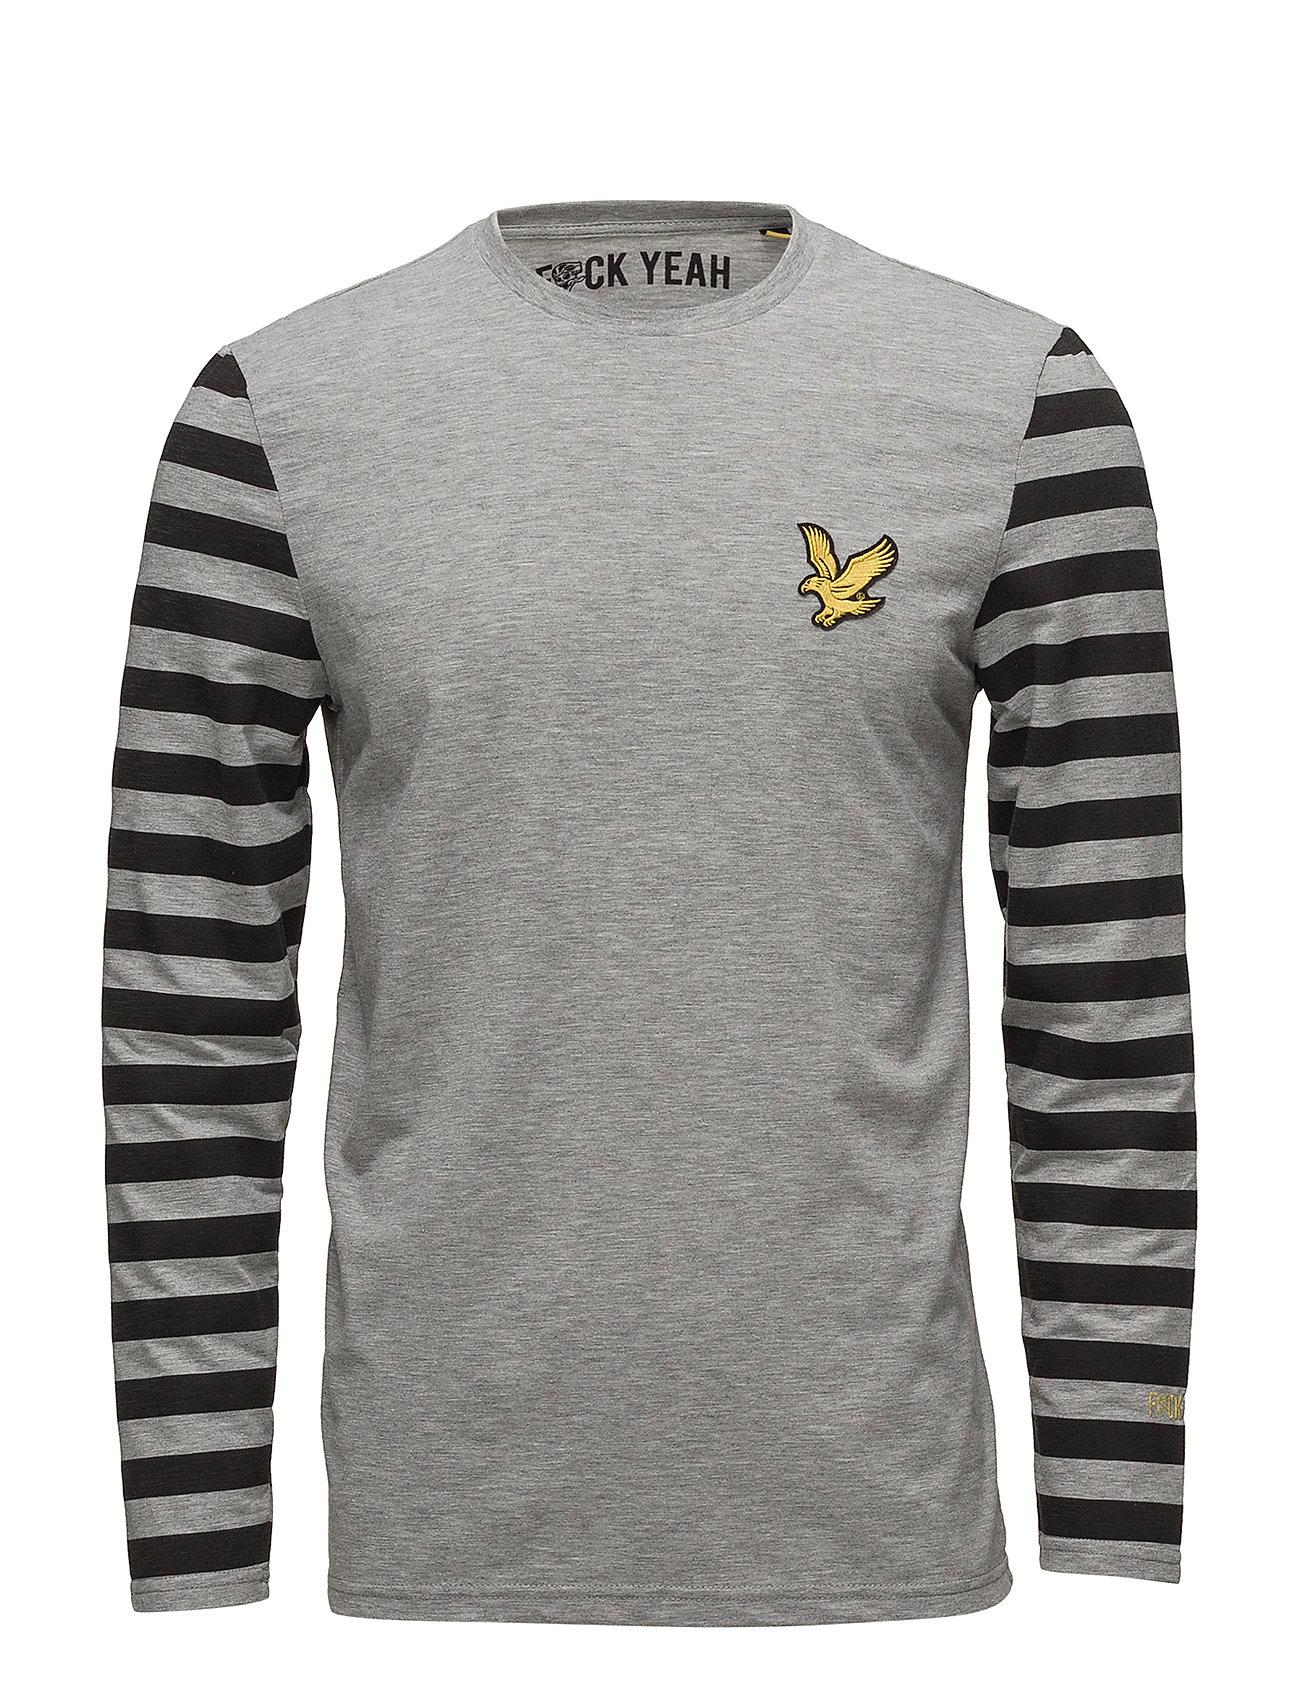 Attaquer Ls T Shirt (Mid Grey Marl) (£27) - Lyle   Scott Sport ... de5f528e2a5fc